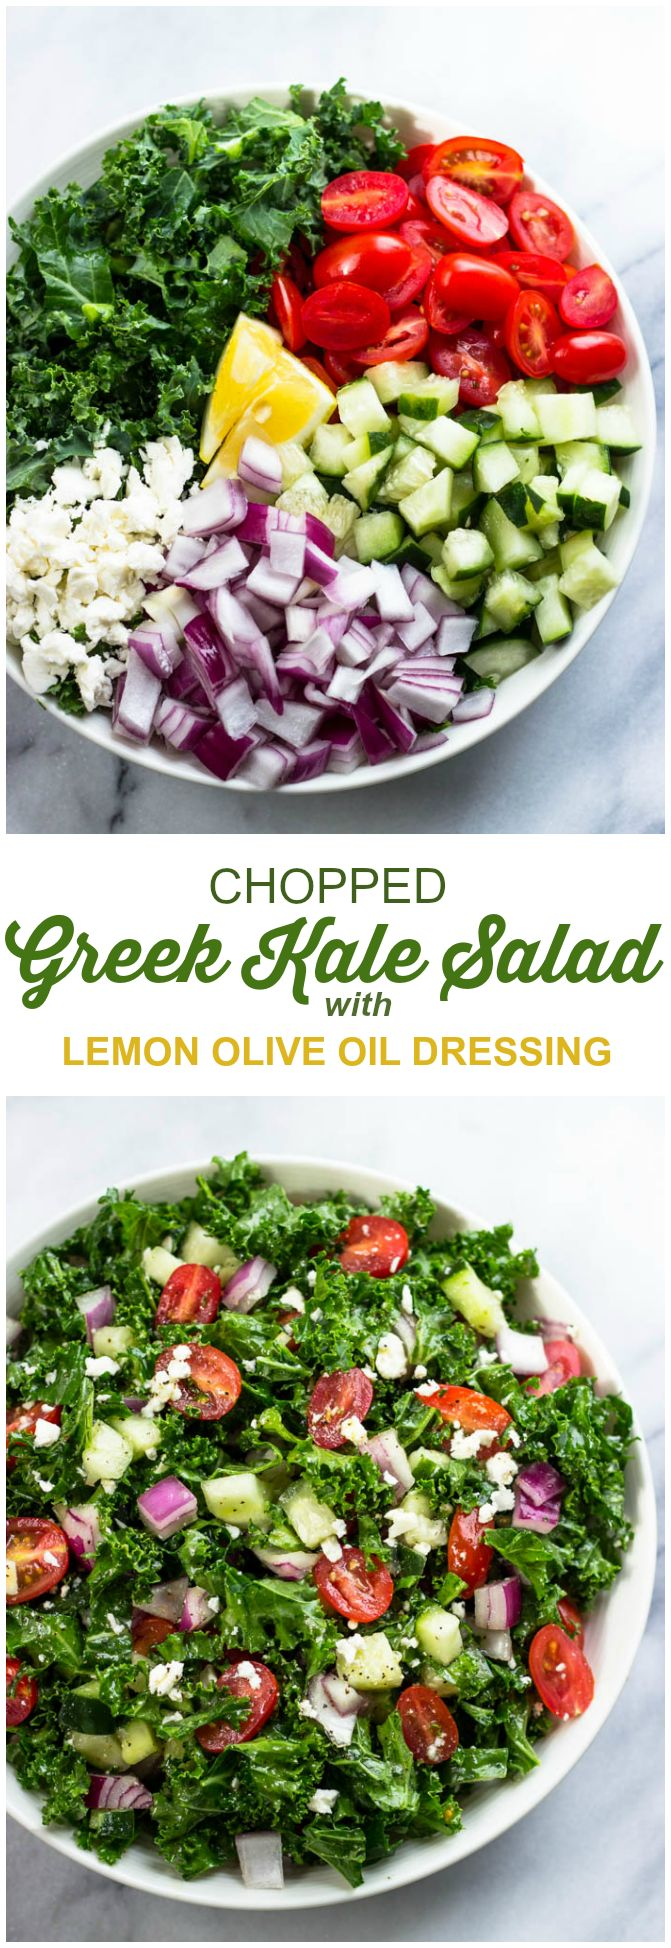 Greek Kale Salad with lemon Olive Oil Dressing